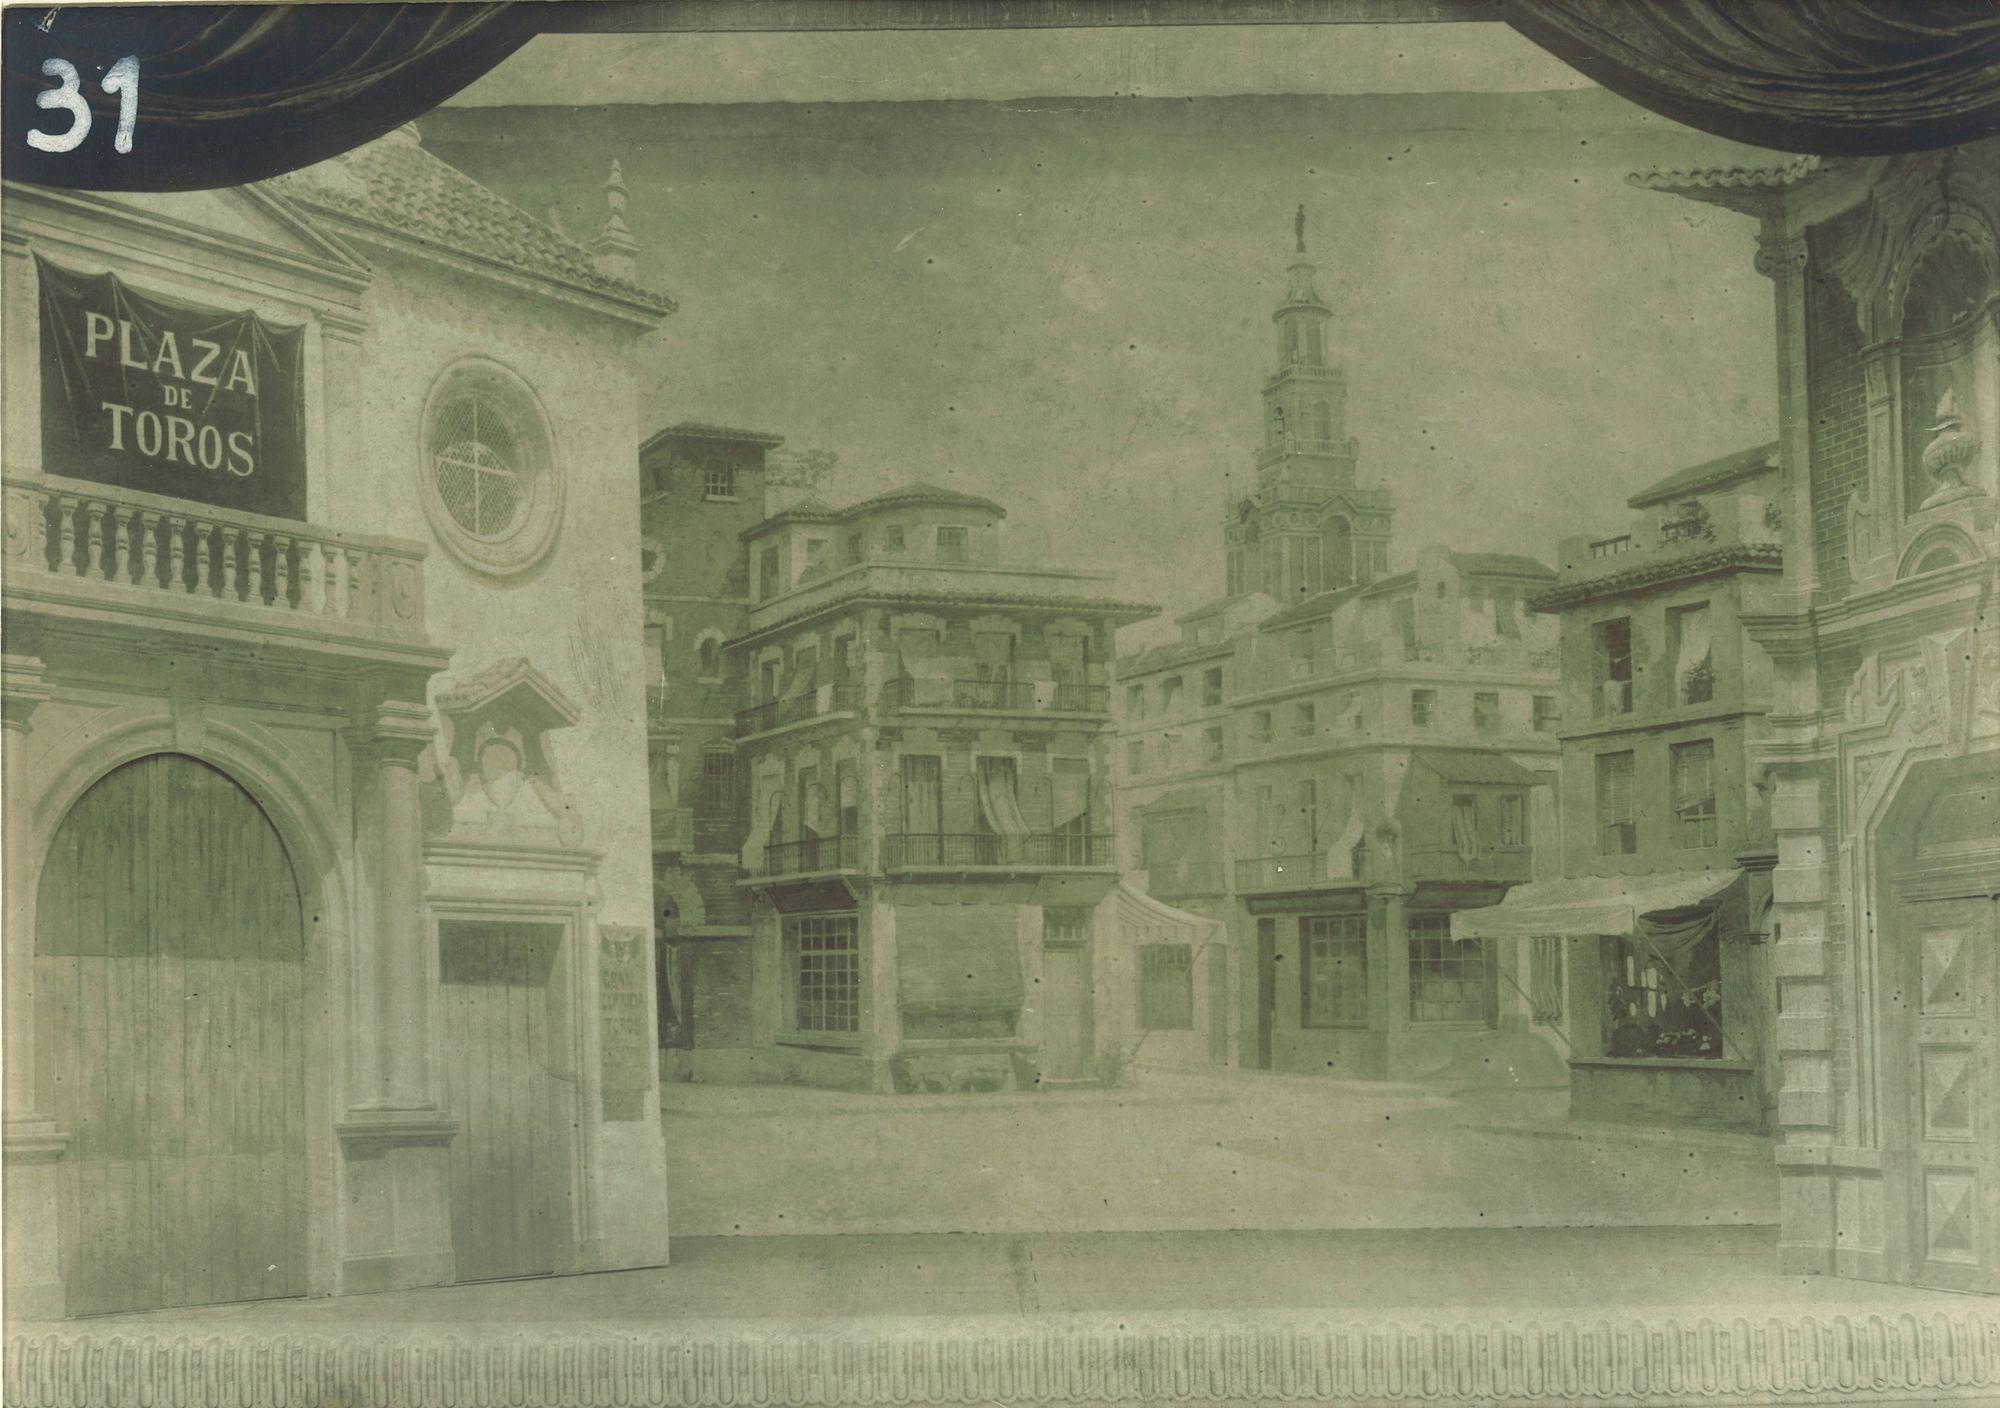 Place publique italo-espagnole